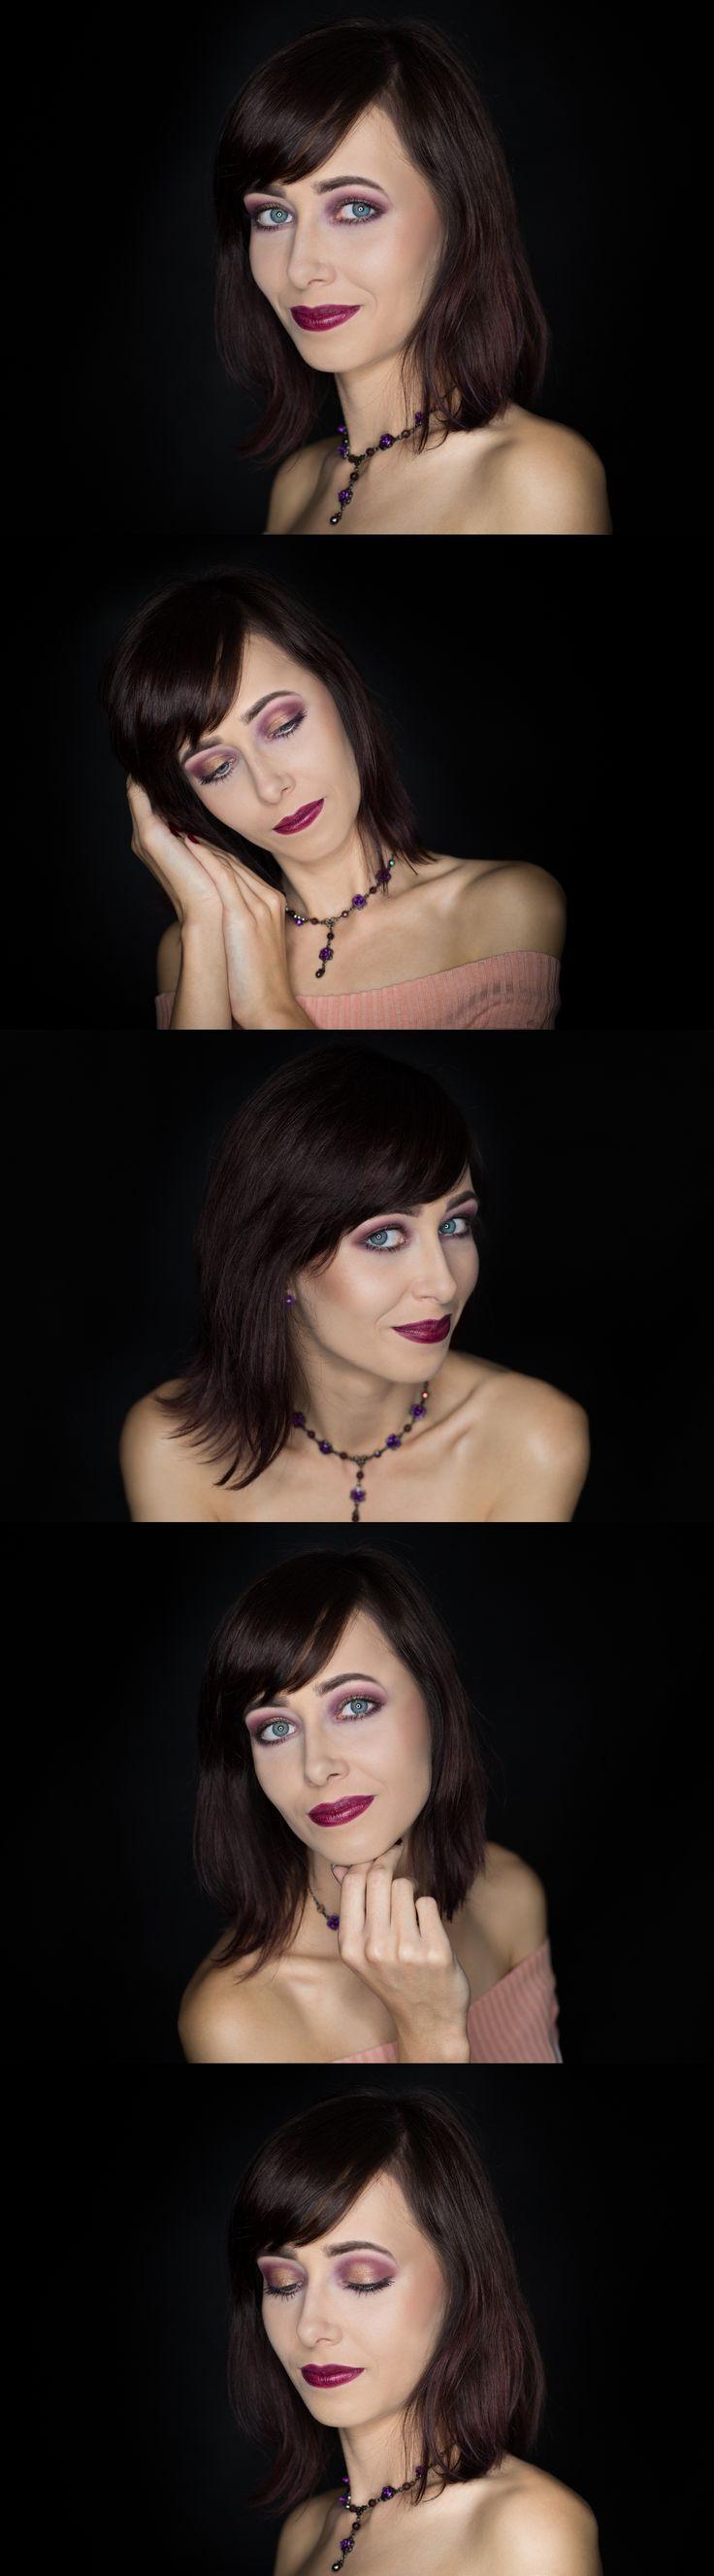 Fotograf, MUA, włosy i stylizacja: Marta Lityńska Modelka: Marta Gabara Polub mnie na Facebooku: https://www.facebook.com/MartaLitynskaMSB  A to mój Instagram: https://instagram.com/martasarablanka